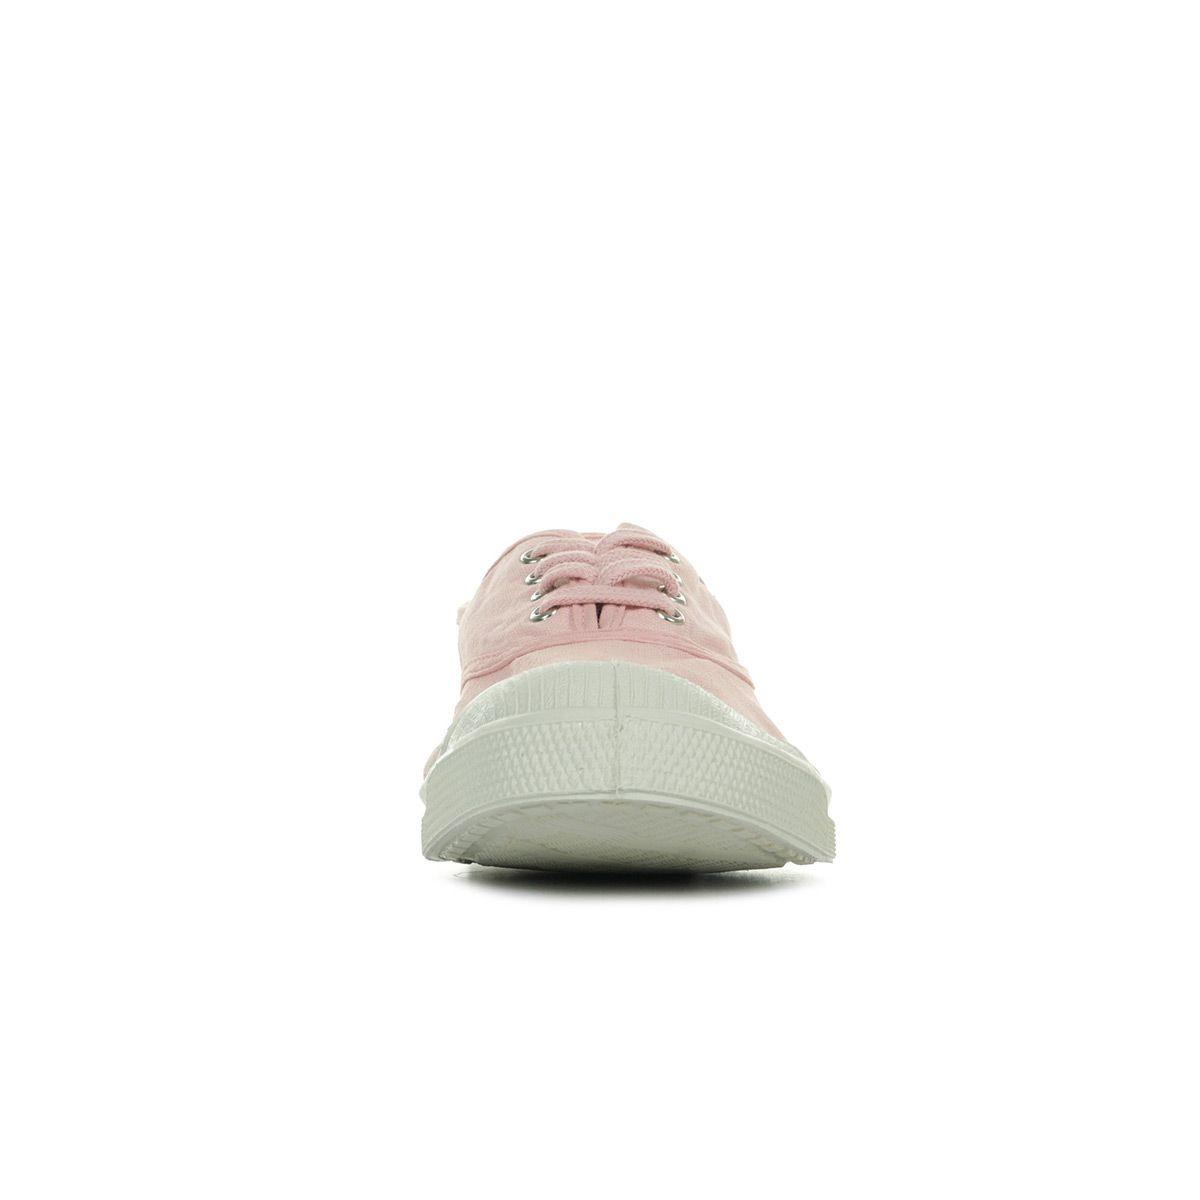 adidas gazelle rose 39